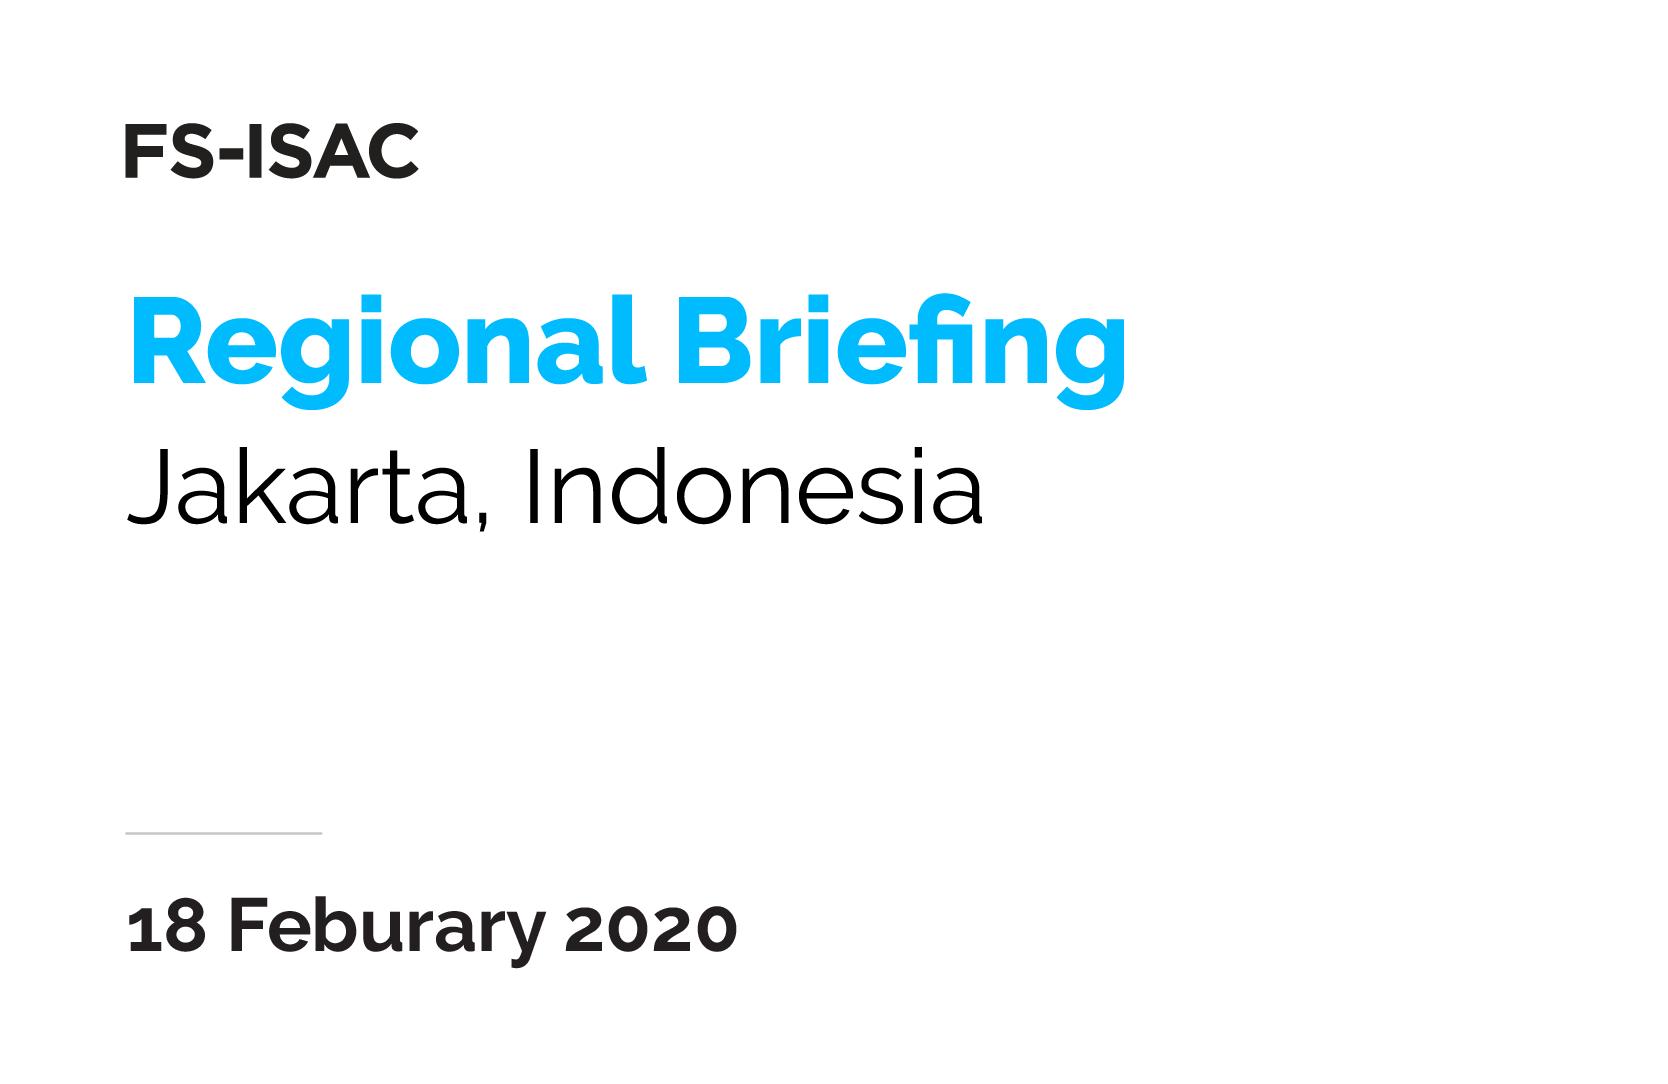 Jakarta Regional Briefing